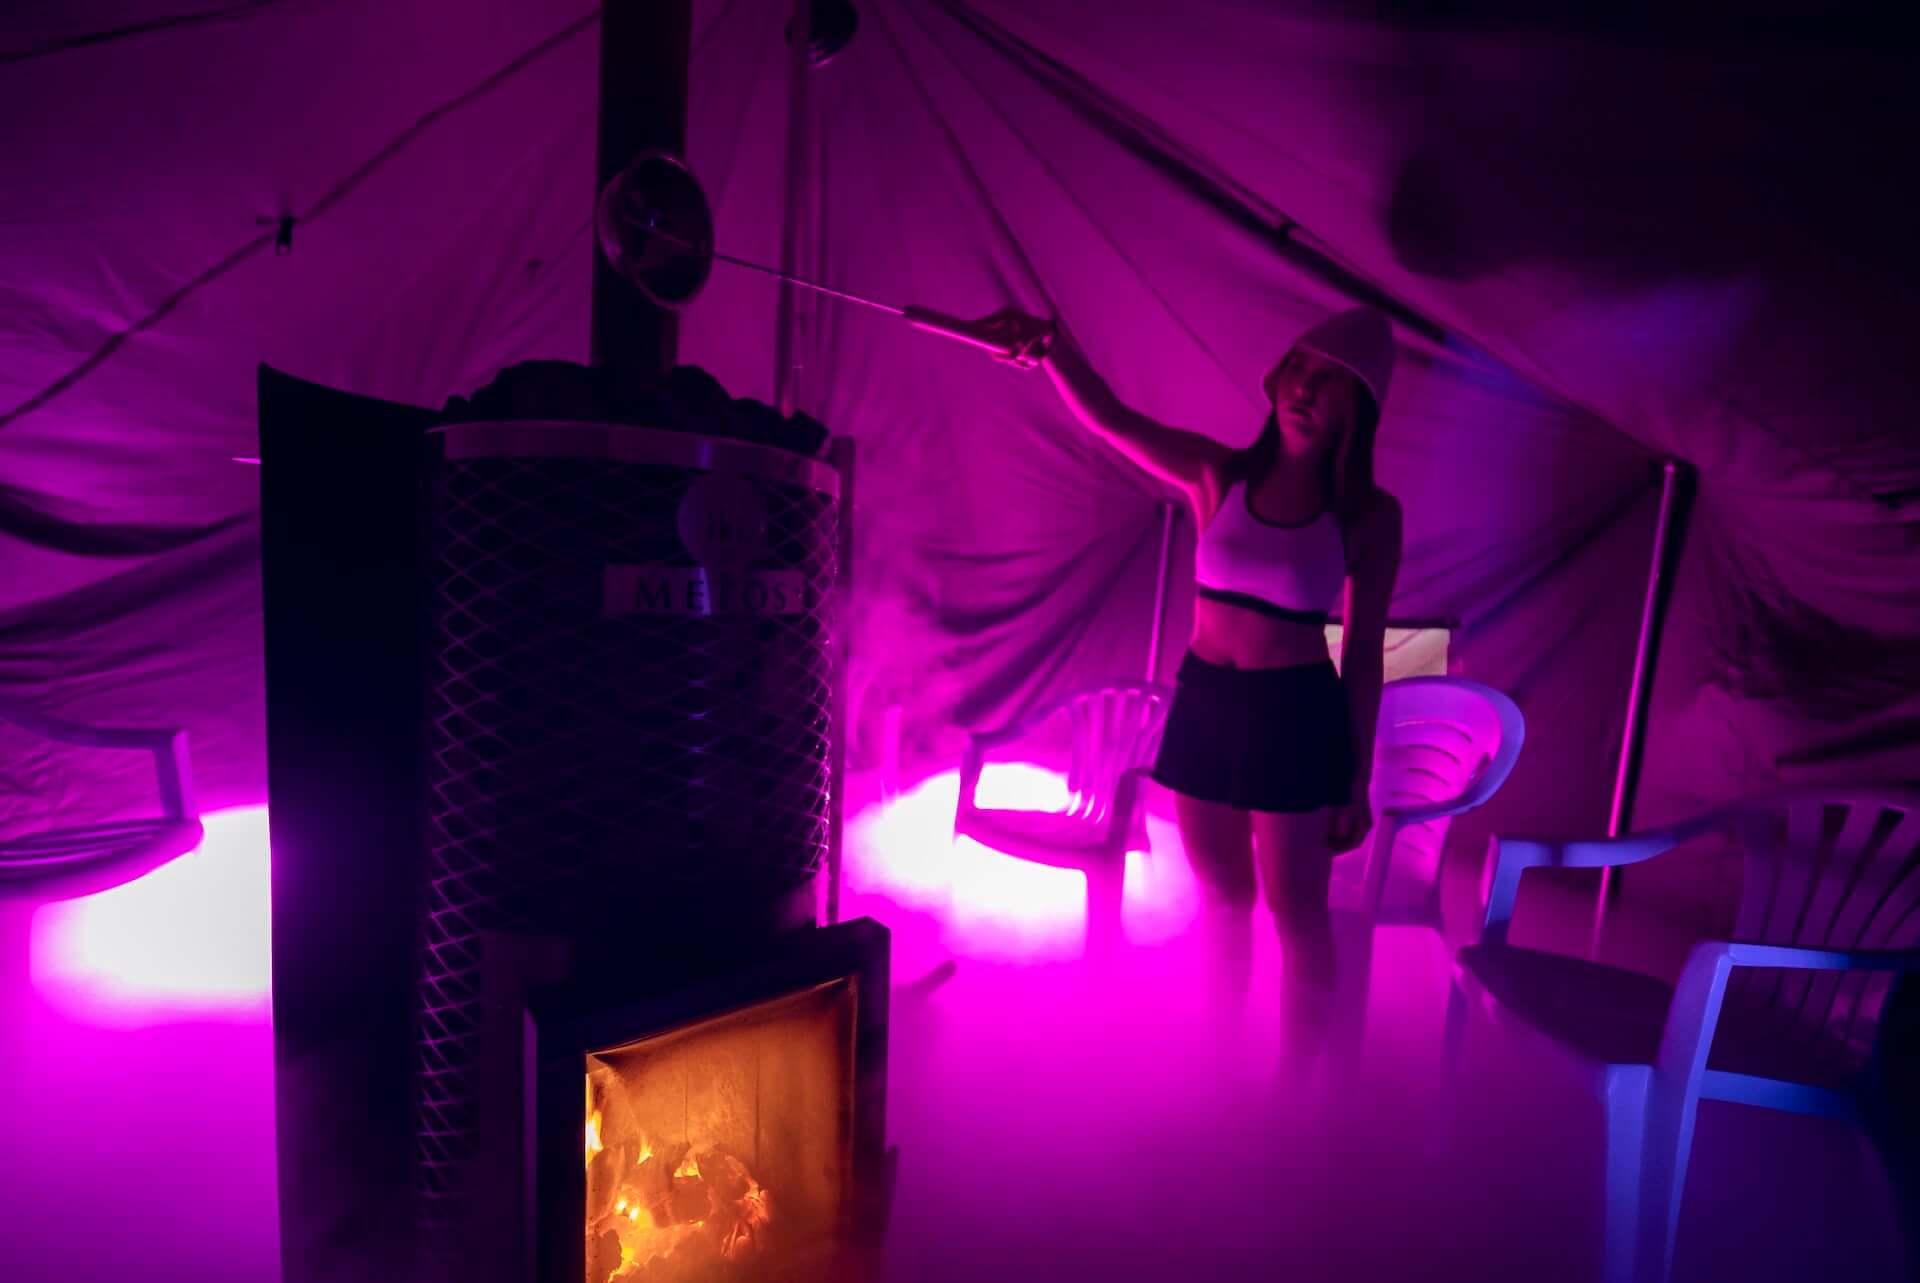 """五感で""""ととのう""""アートサウナ体験を!デートにもおすすめなテントサウナイベントが東京・有明にて開催中 lf201218_naked-sauna_6-1920x1283"""